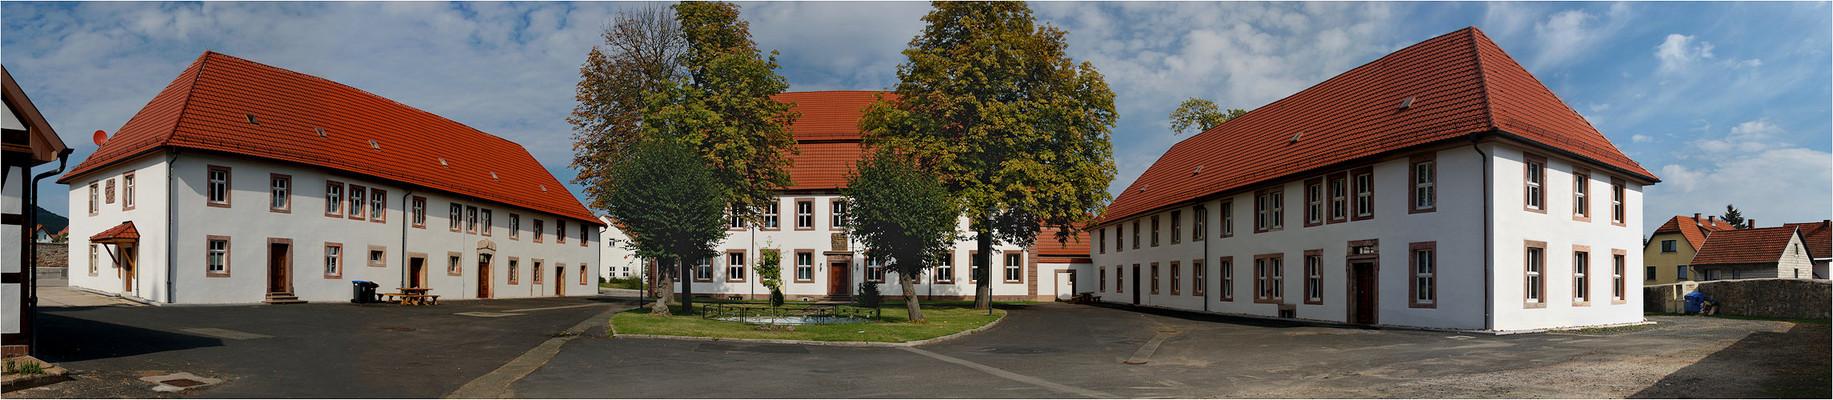 Schloss Dermbach